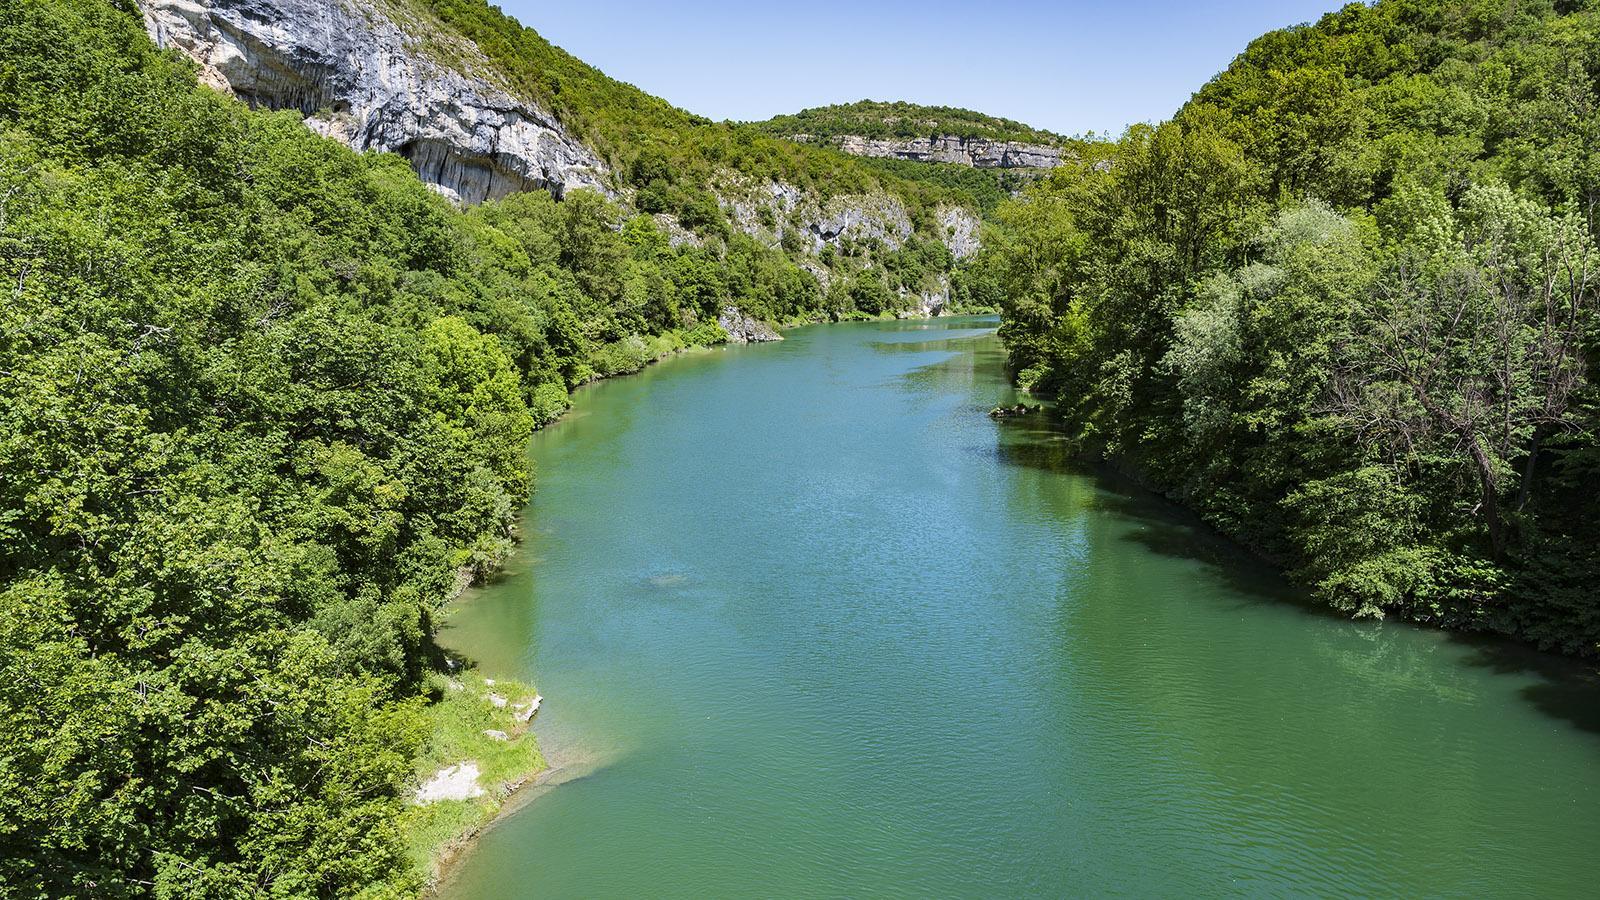 Bei Yenne (Savoie) das die Rhône die Gorges de la Balme geschaffen. Foto: Hilke Maunder